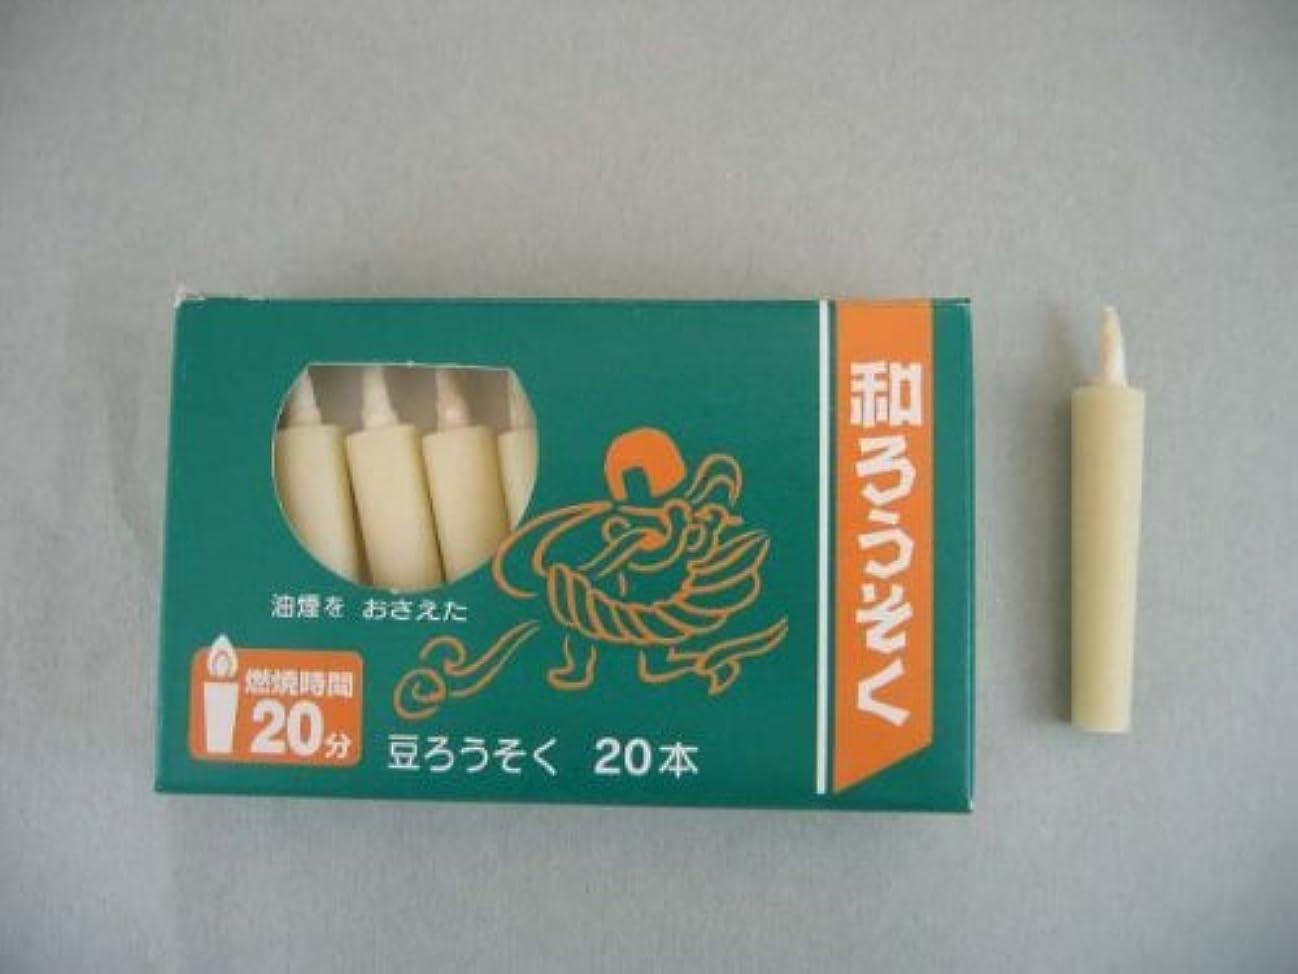 精神コーデリア記事和ろうそく 型和蝋燭 ローソク 豆型 棒タイプ 白 小箱 20本入り